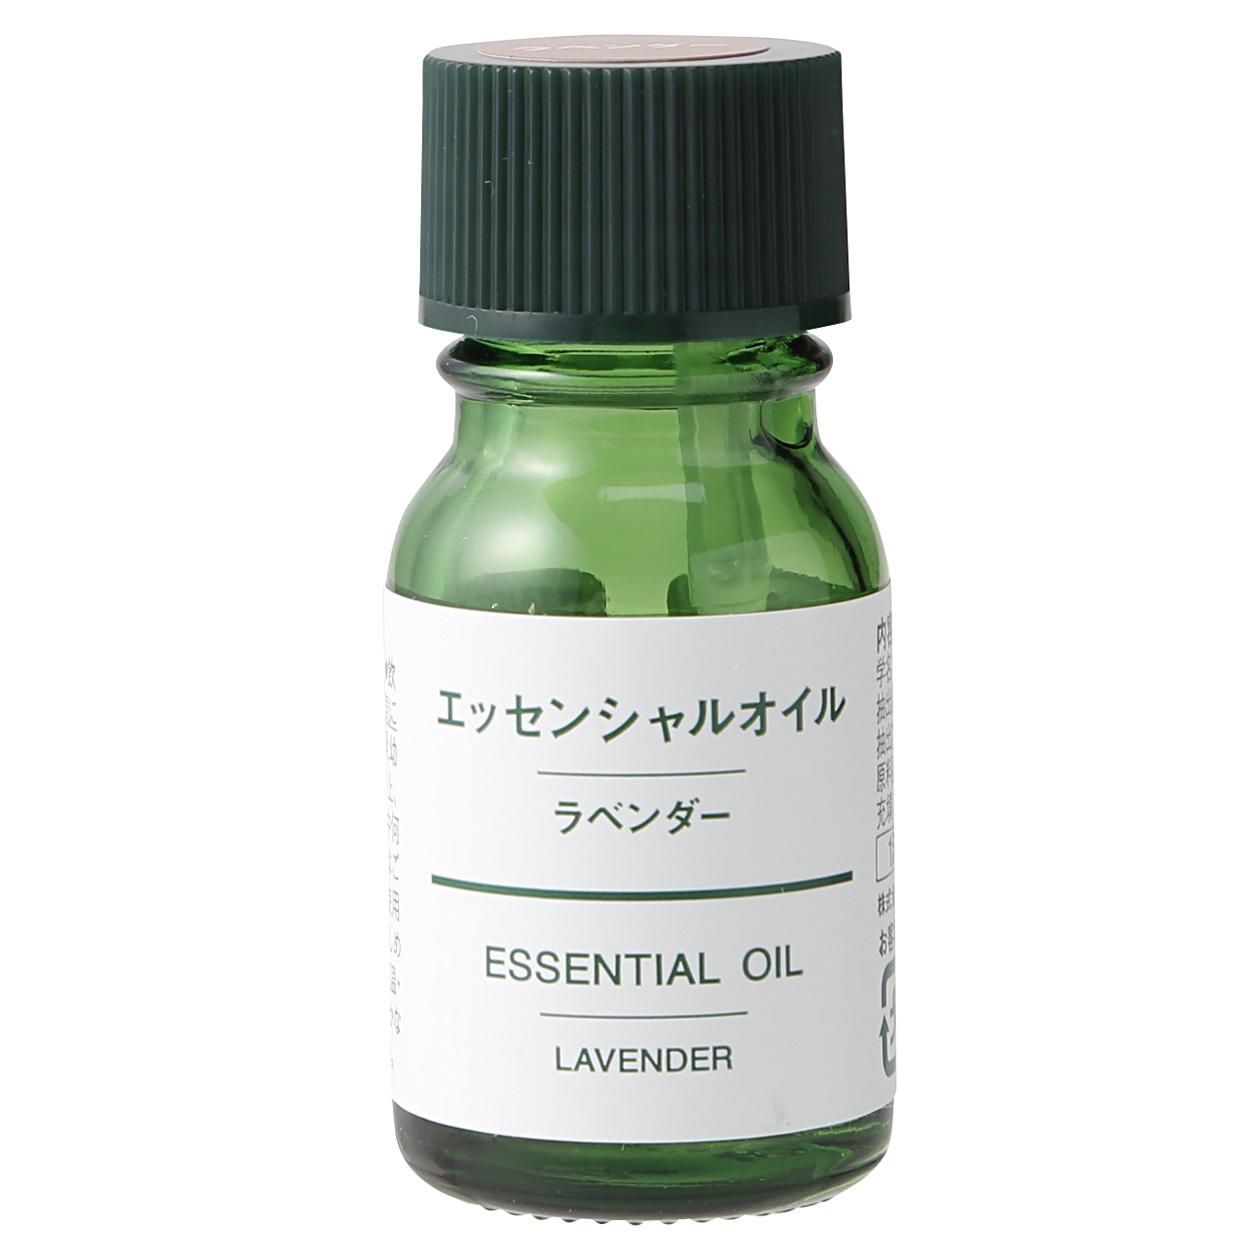 MUJI 无印良品 香精油 10g